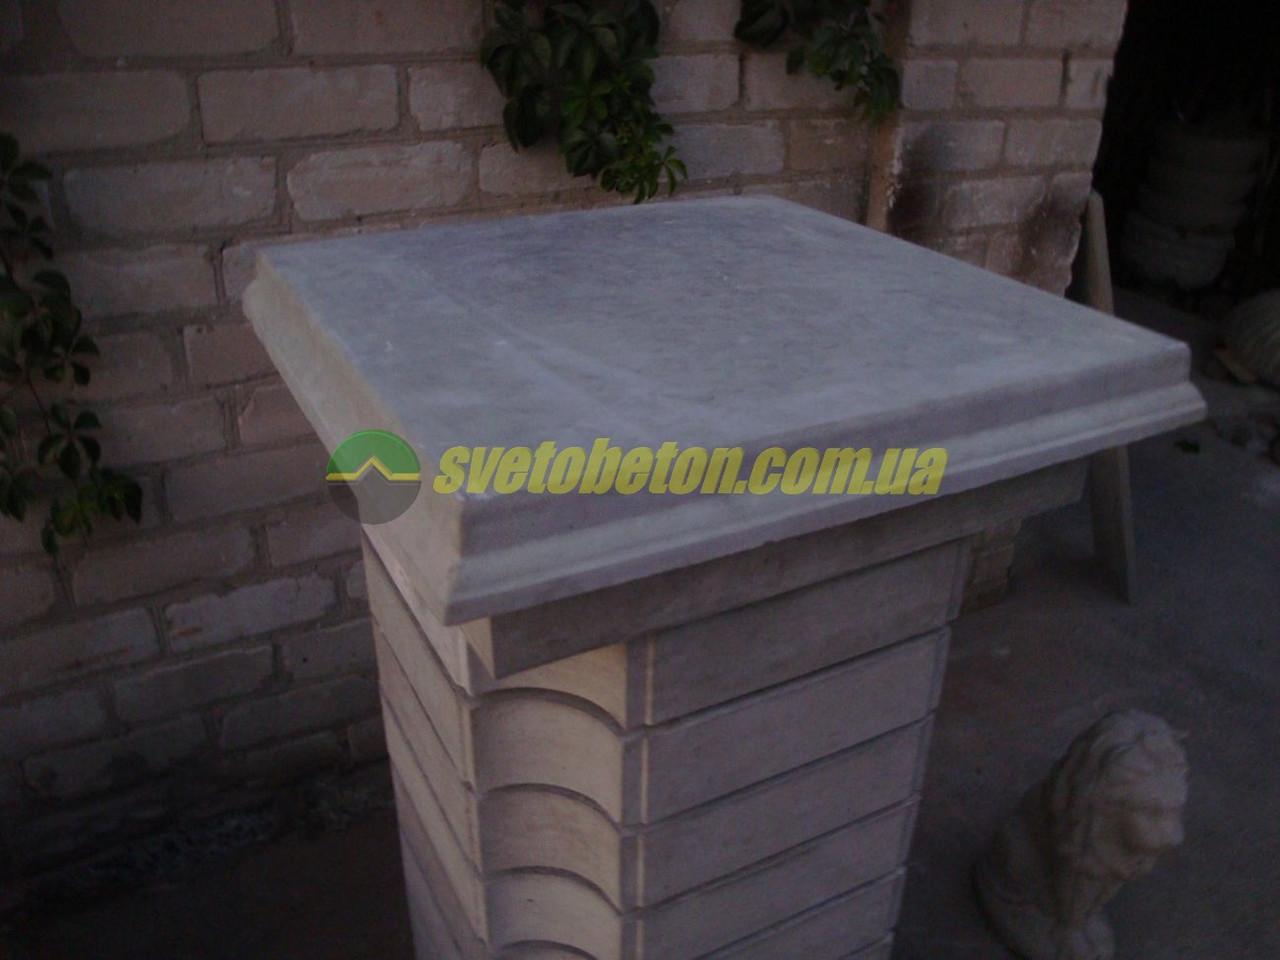 Декоративная бетонная квадратная плита подставка 480х480 под фигуры, вазы и вазоны уличные горшки и кашпо.